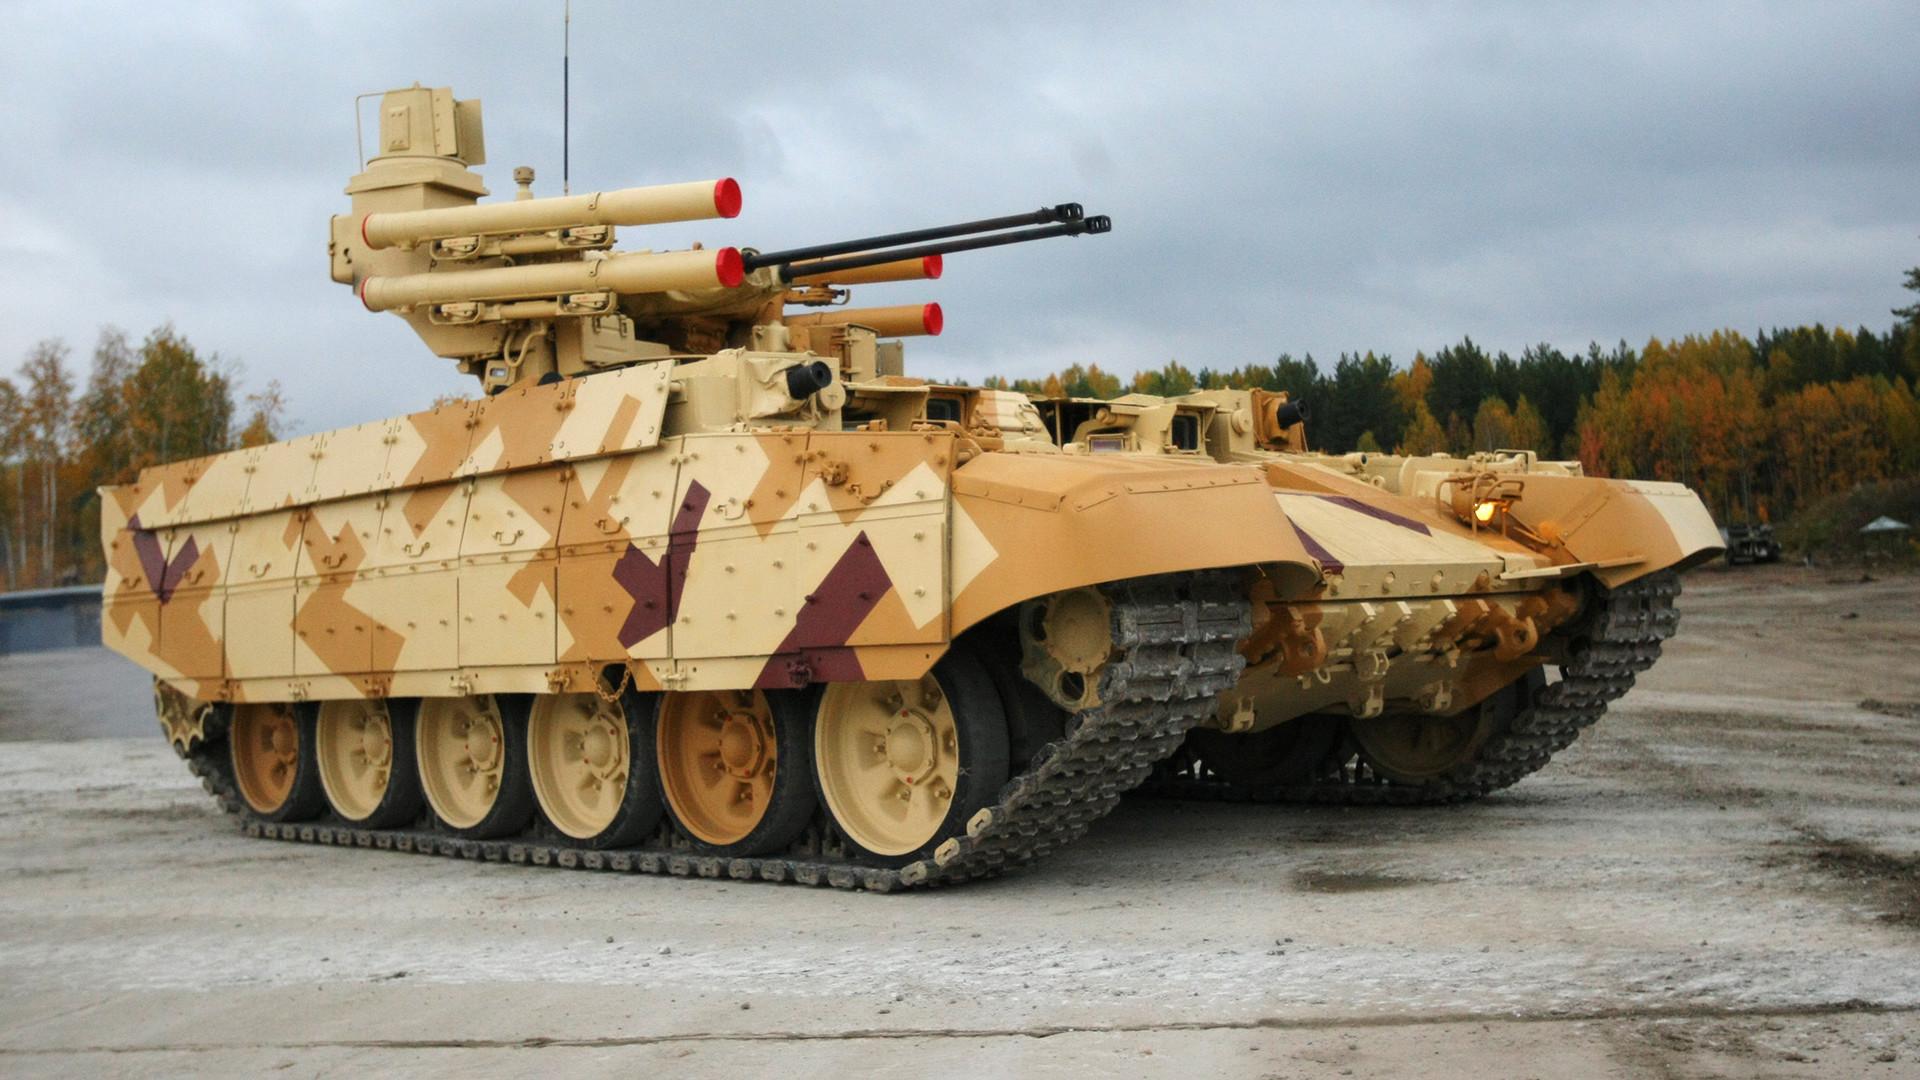 Борбено возило за подршку тенковима на Деветој међународној изложби наоружања, војне технике и муниције у Нижњем Тагилу 2013.